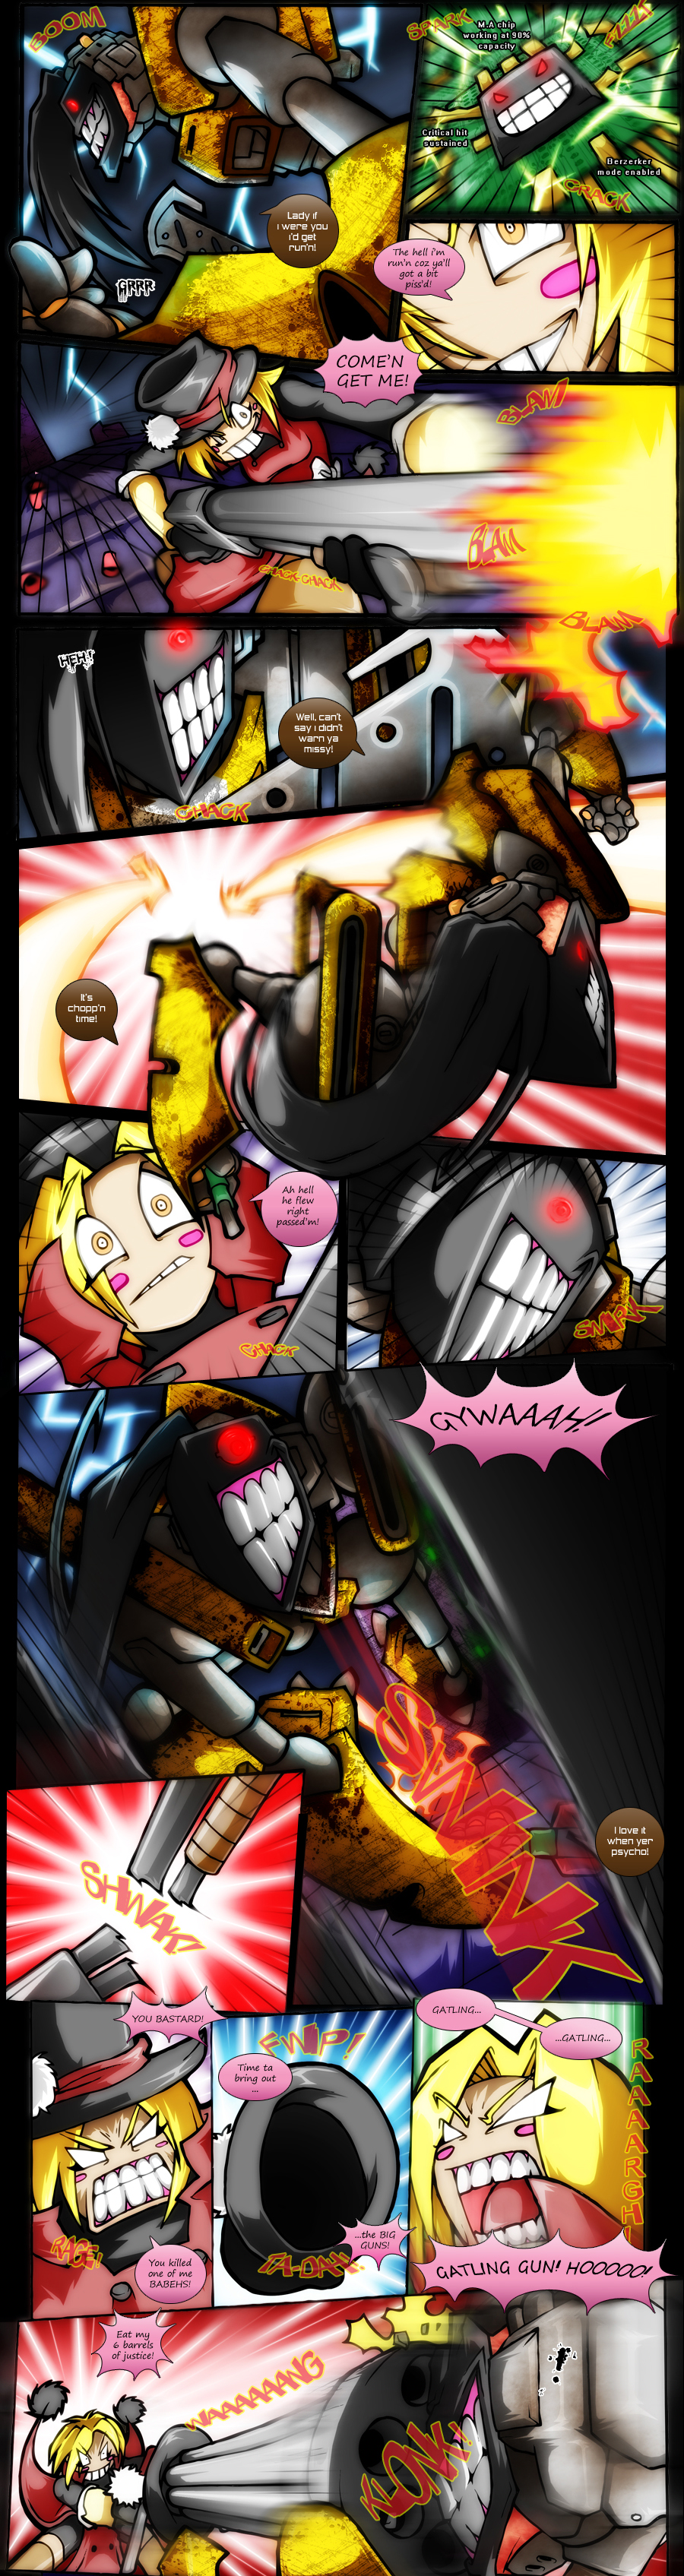 Bullet ride 9